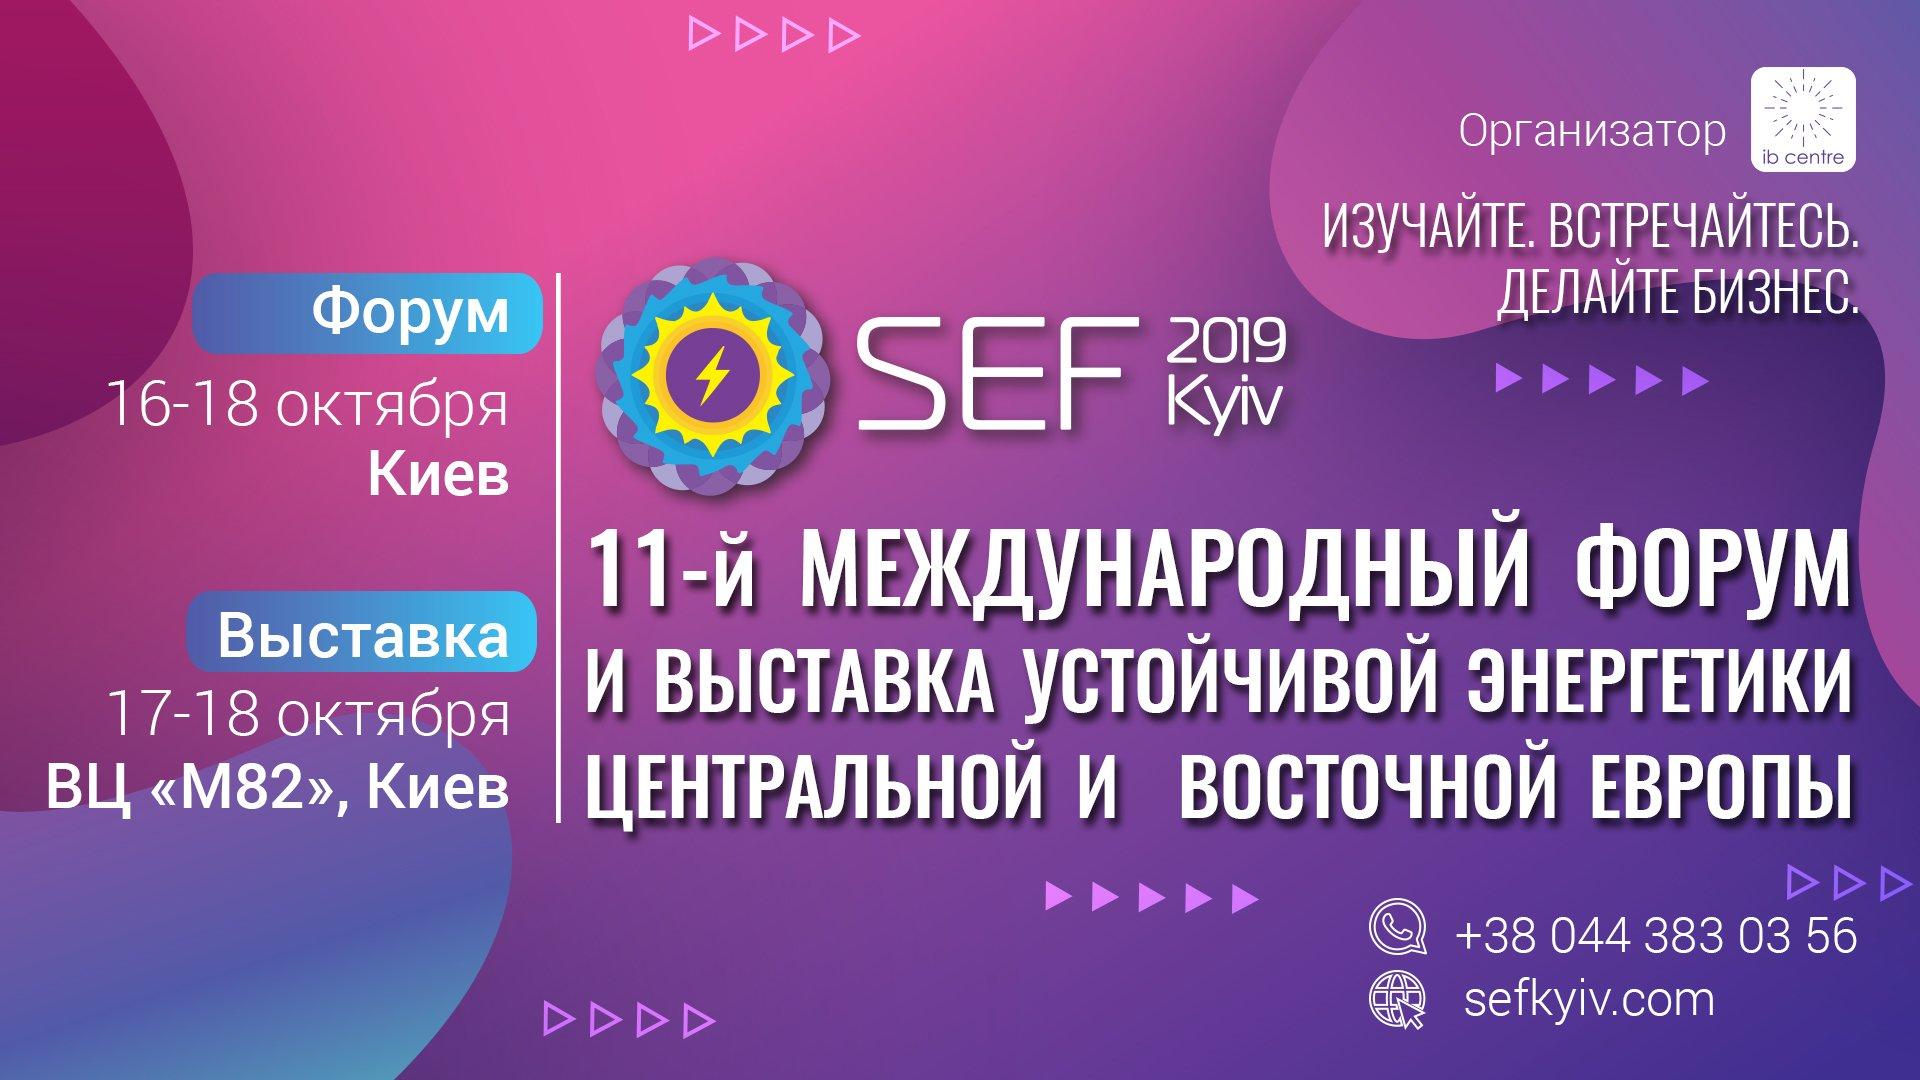 Международная выставка SEF 2019, Эко Про плюс